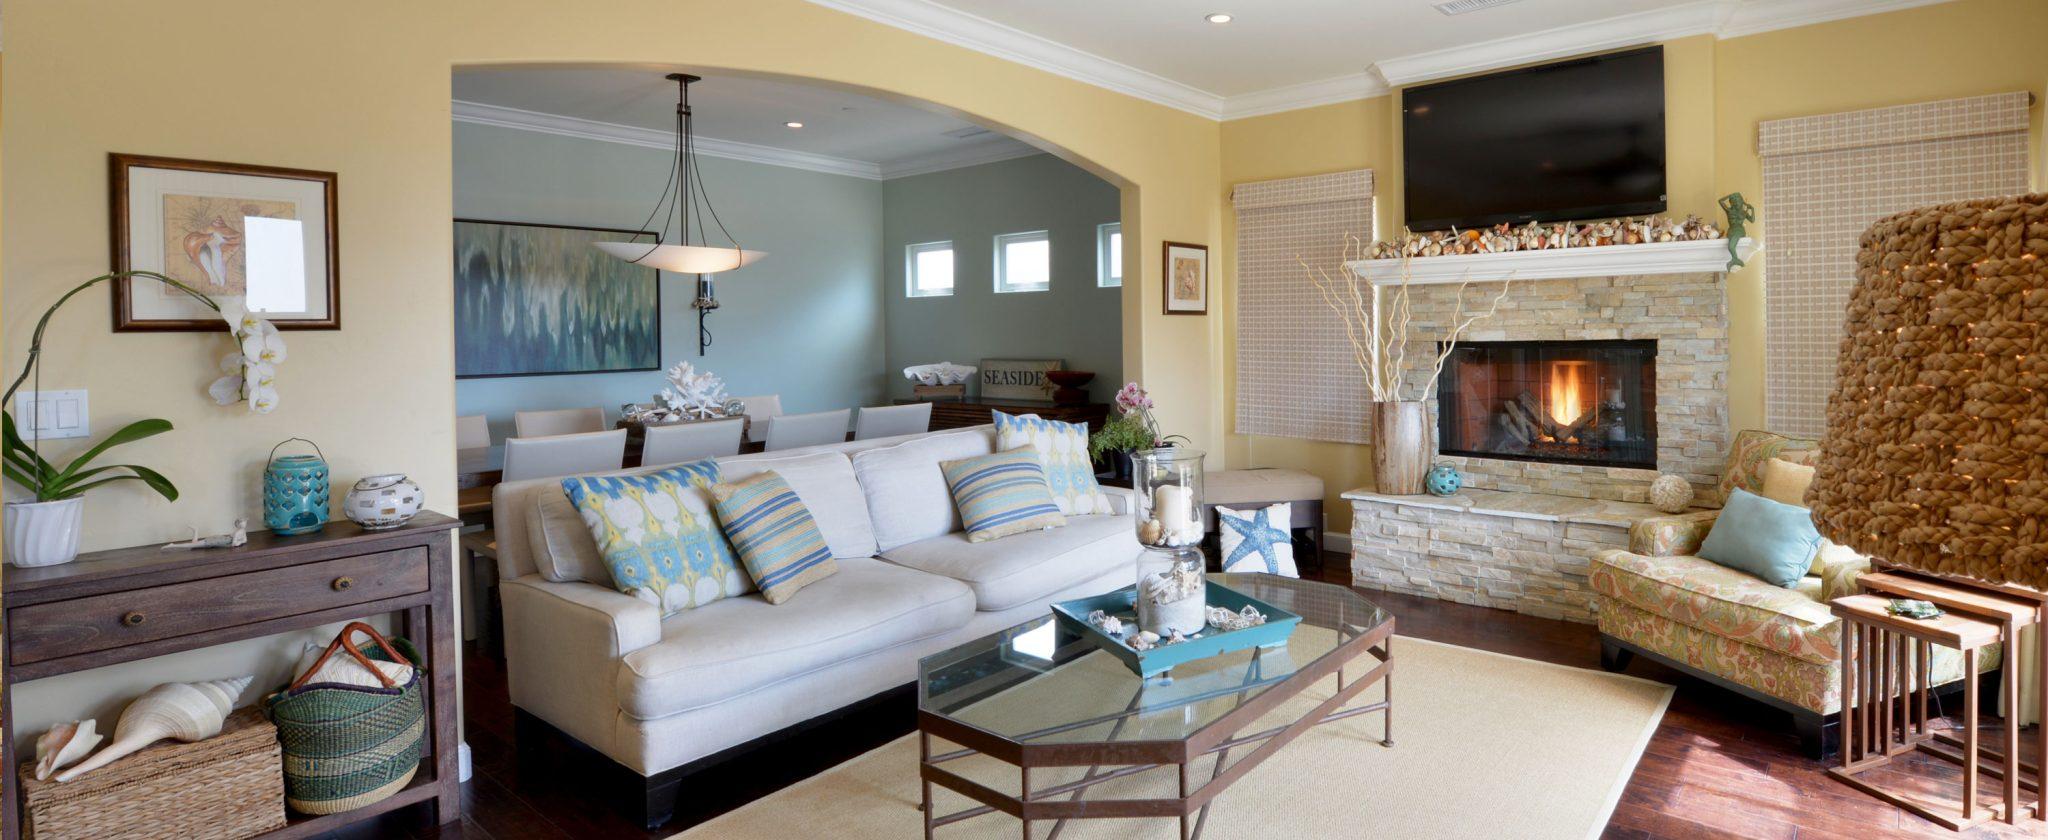 Design Build Home Remodel San Diego   Lars Remodeling & Design